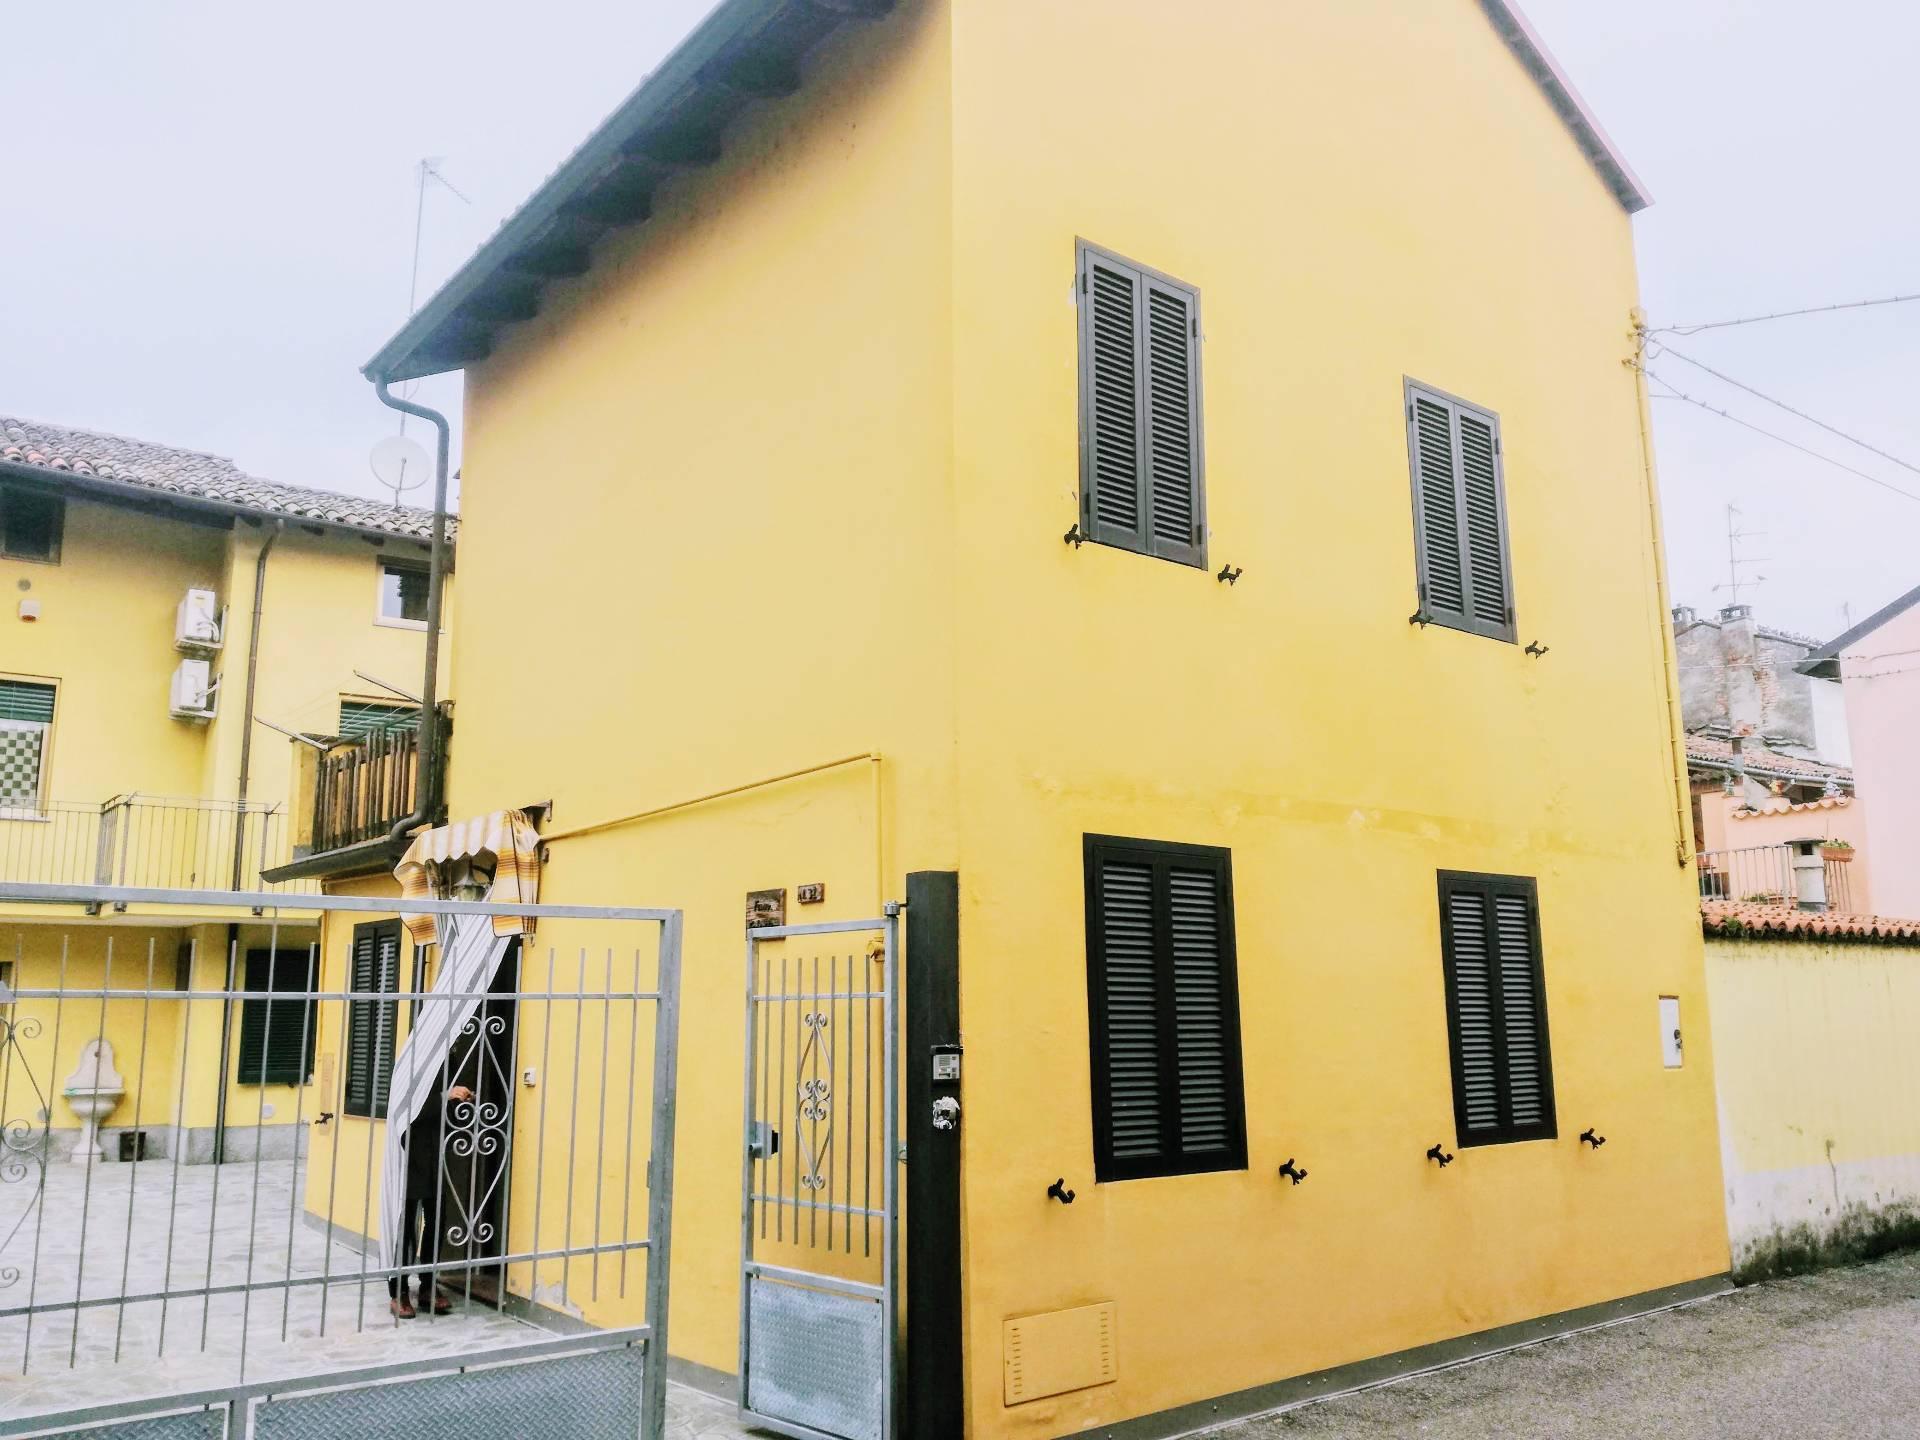 Soluzione Semindipendente in vendita a Morano sul Po, 4 locali, prezzo € 55.000 | CambioCasa.it